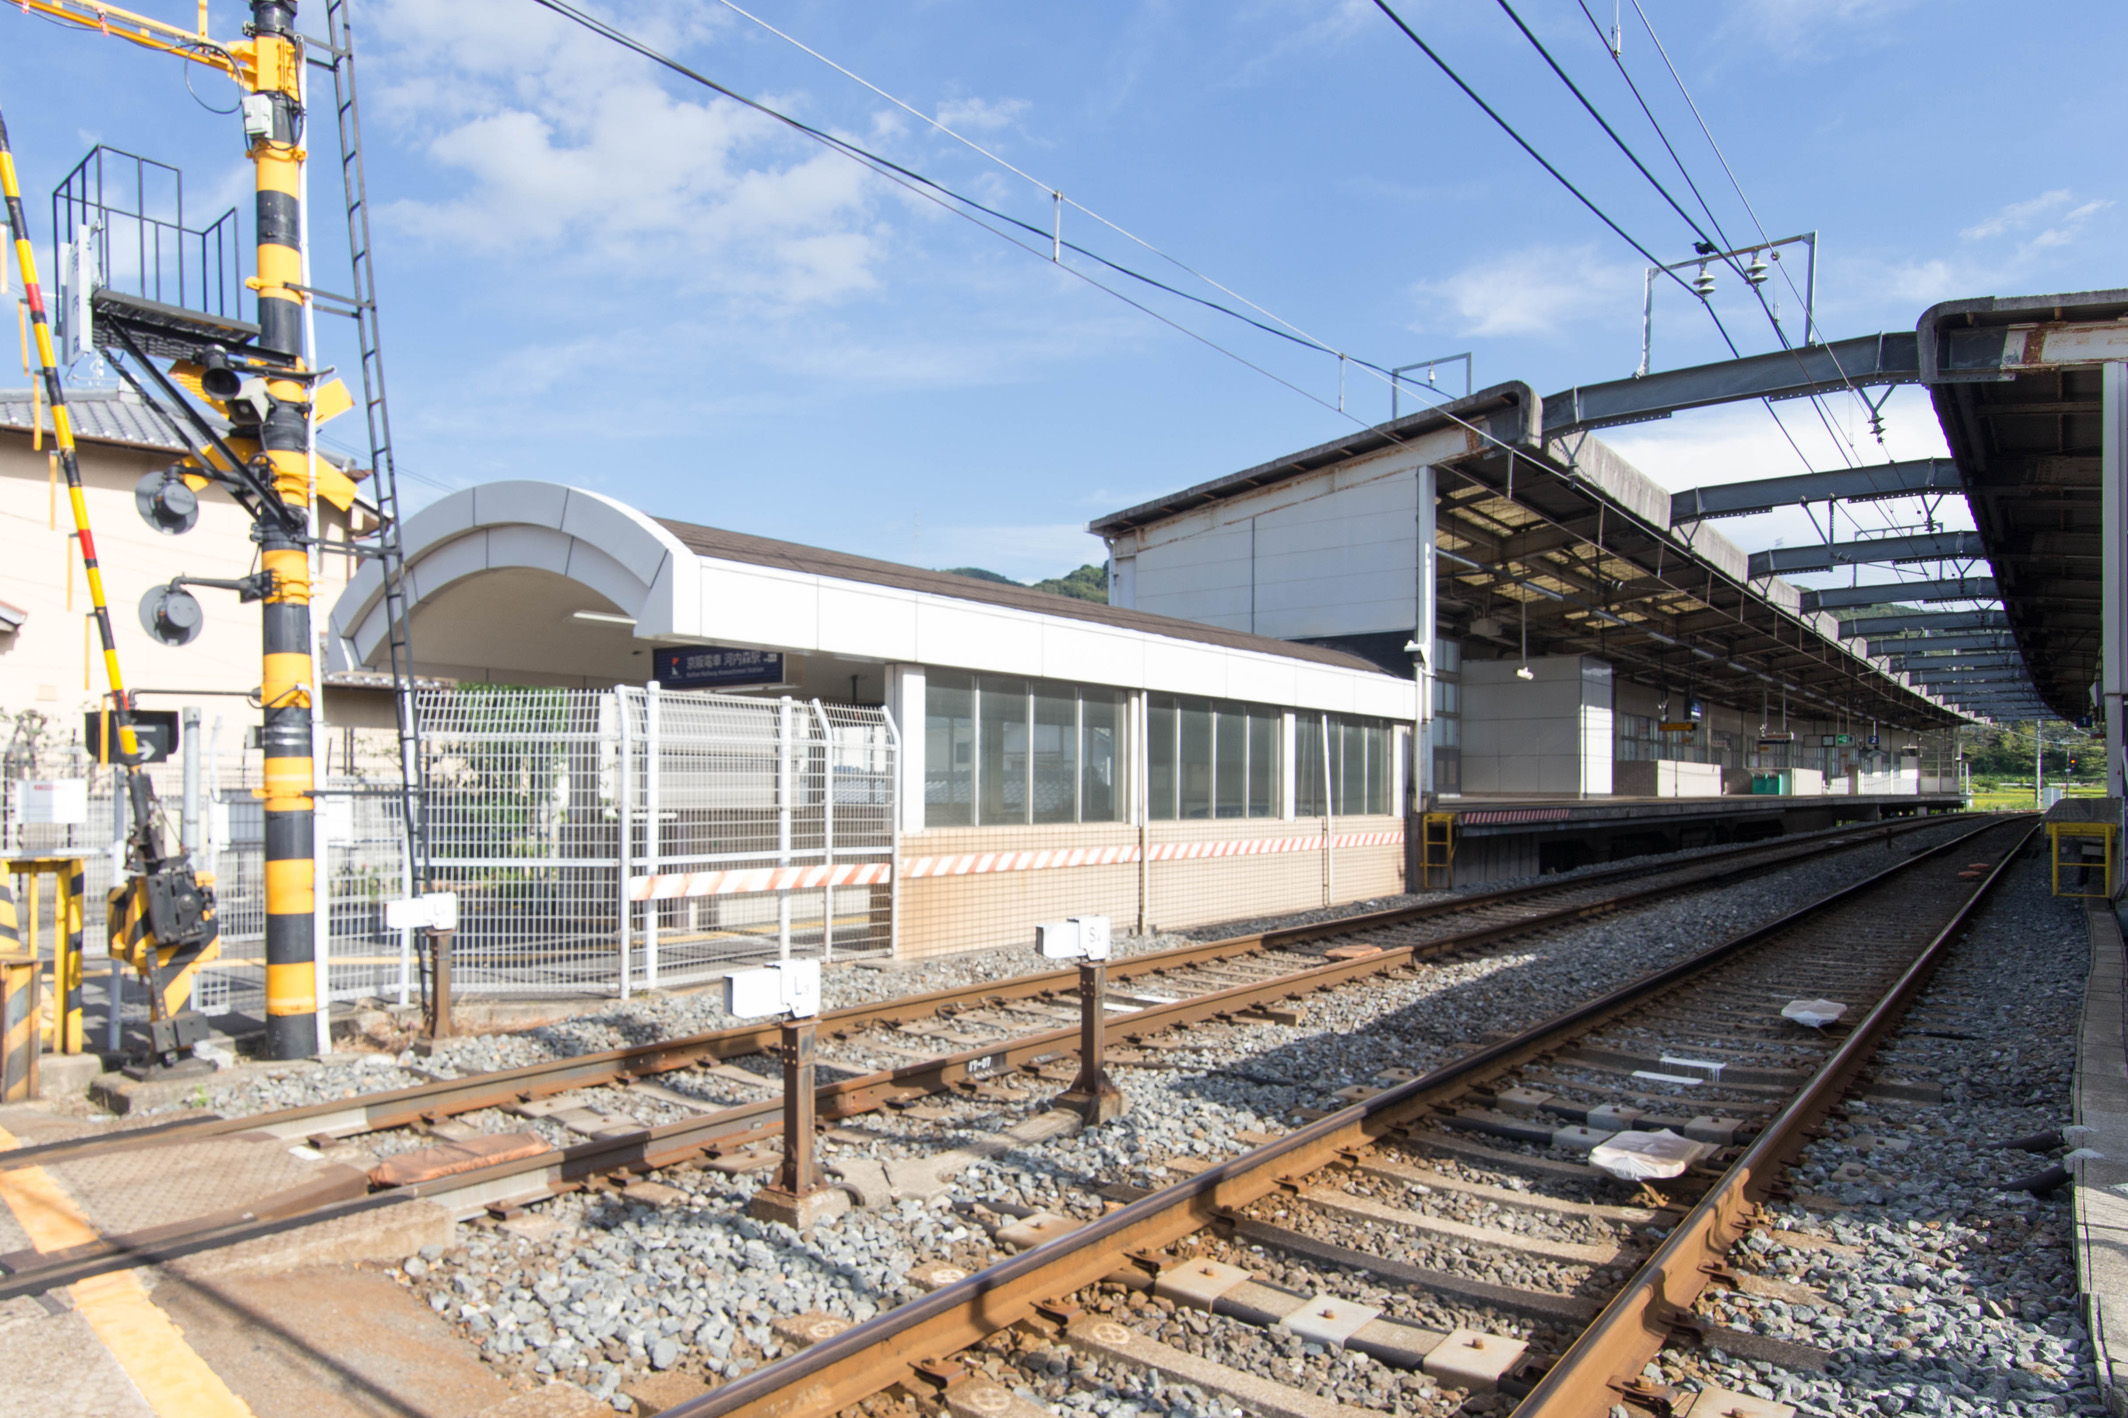 京阪交野線「河内森」駅へ徒歩3分。「祇園四条」駅へ乗車42分。京都市内へのアクセスも良好。※「枚方市」駅で特急に乗り換えの場合。